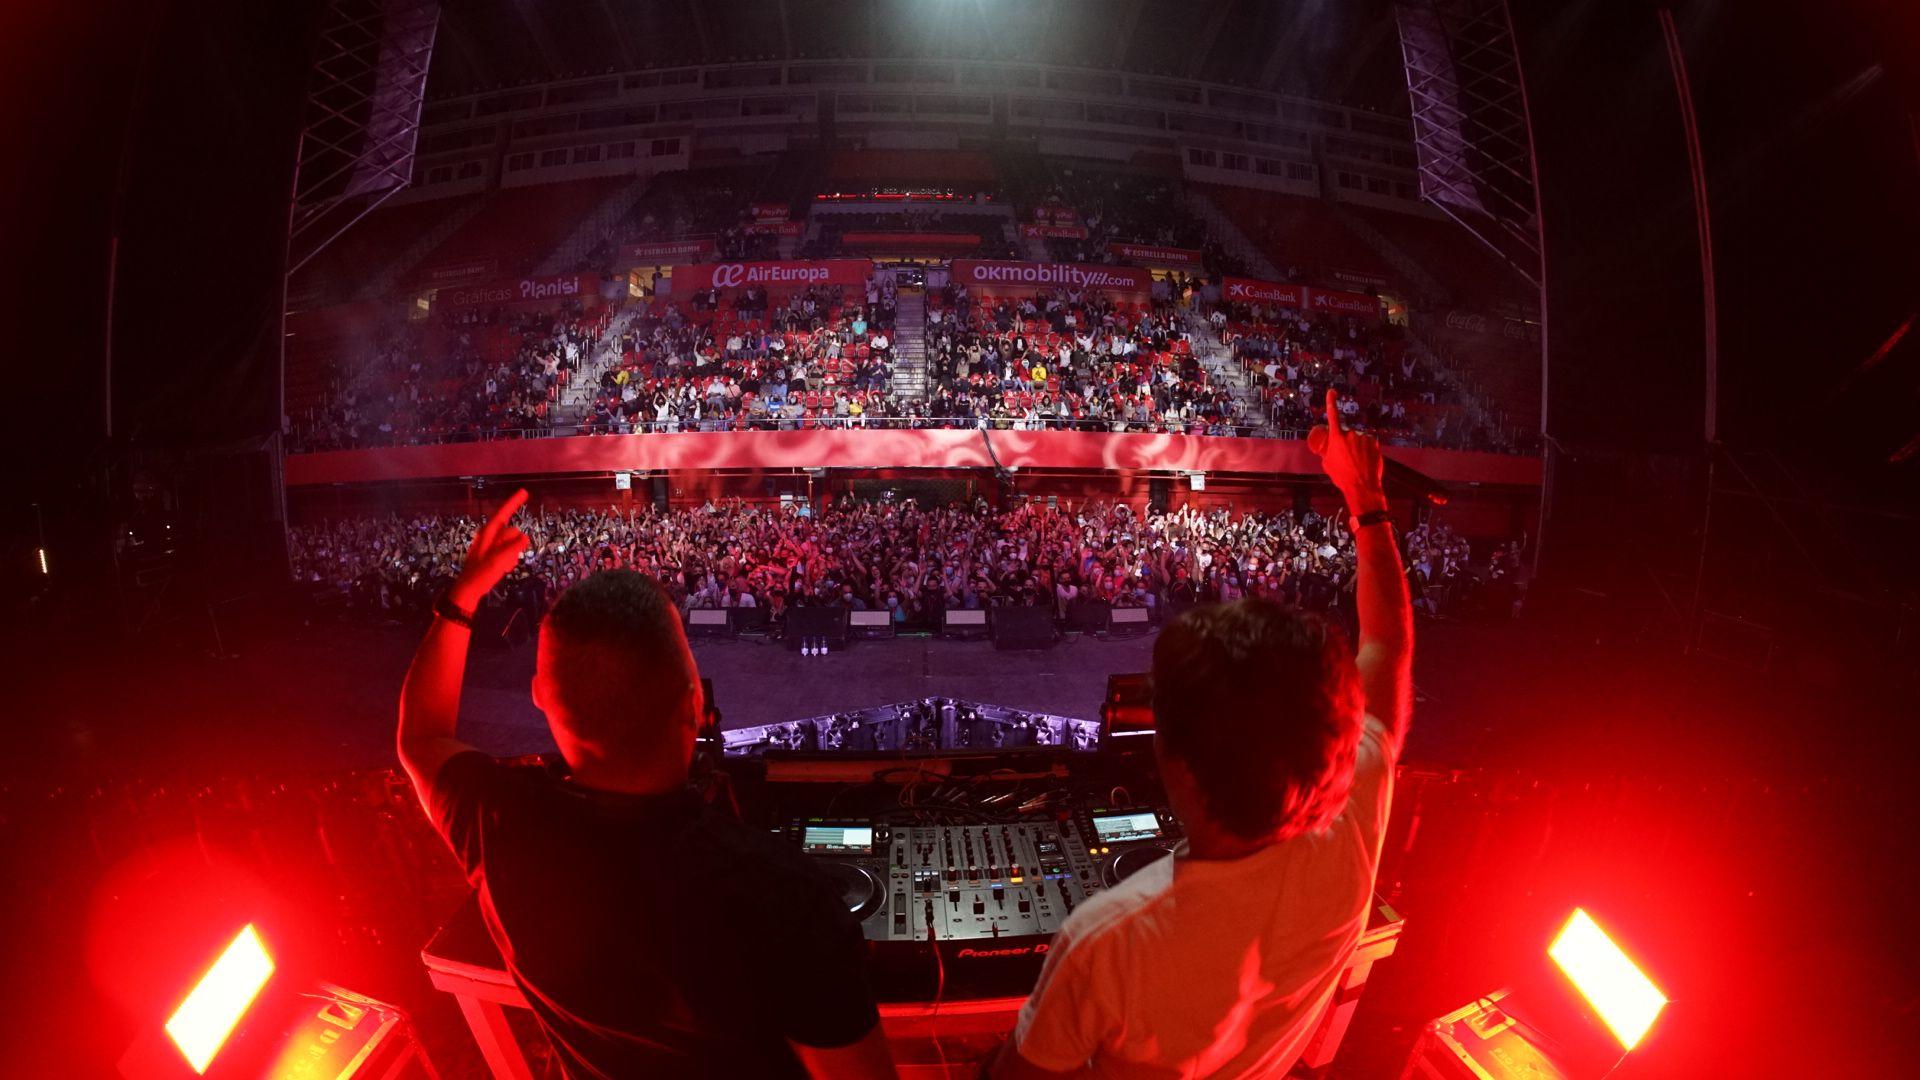 Große Bühne - Tausende Konzertbesucher im Stadion von Palma de Mallorca